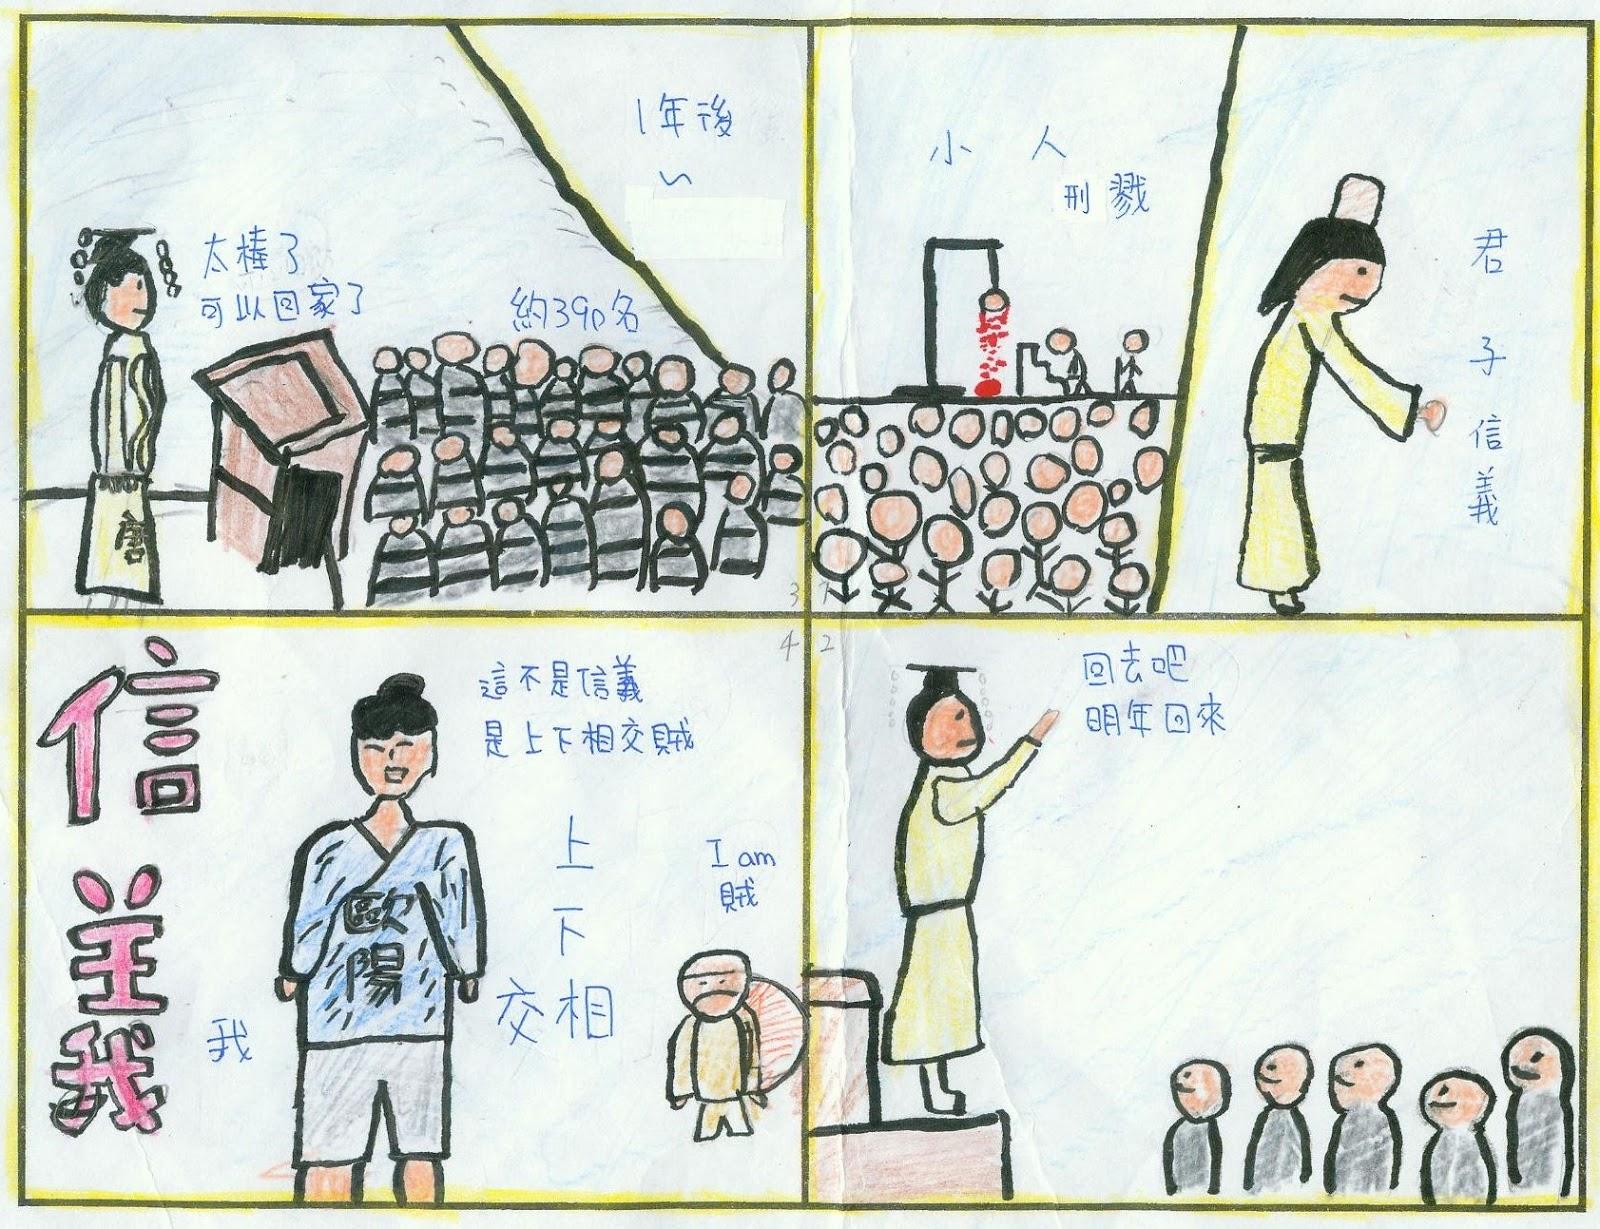 班級經營與創意教學:仙女老師余懷瑾: 萬芳高中107之歐陽脩《縱囚論》之四格漫畫